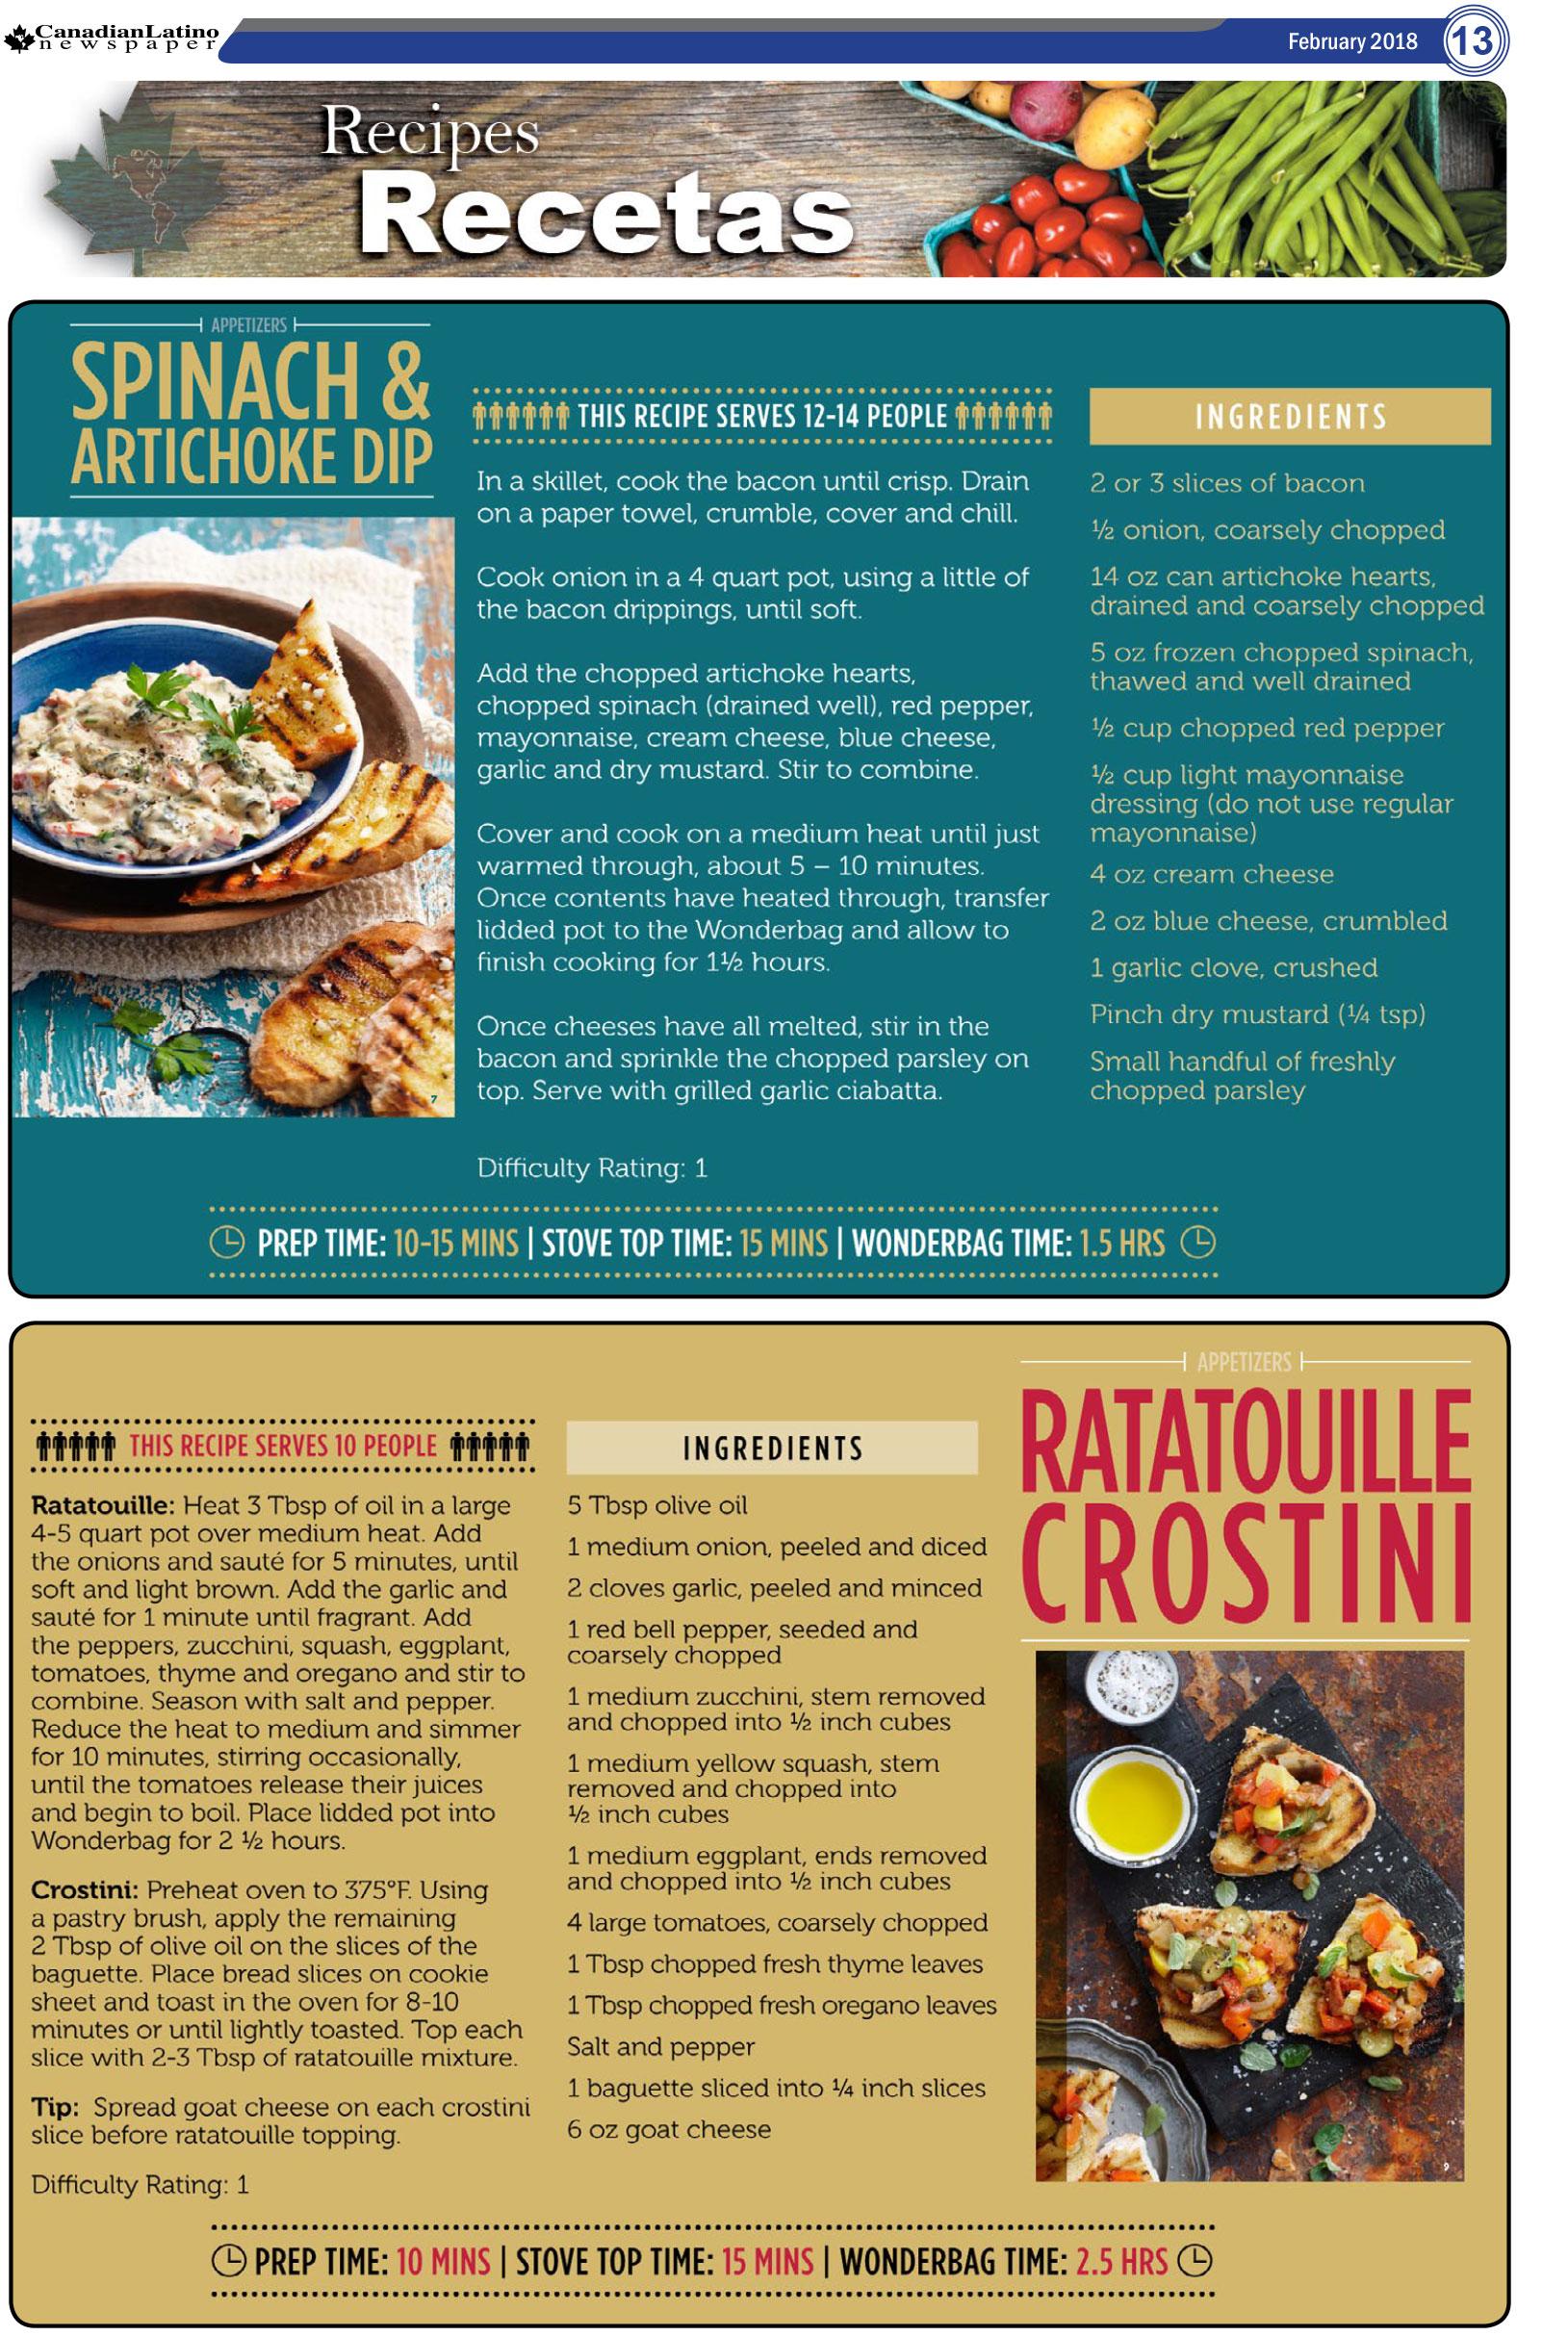 ratatouille-crostini